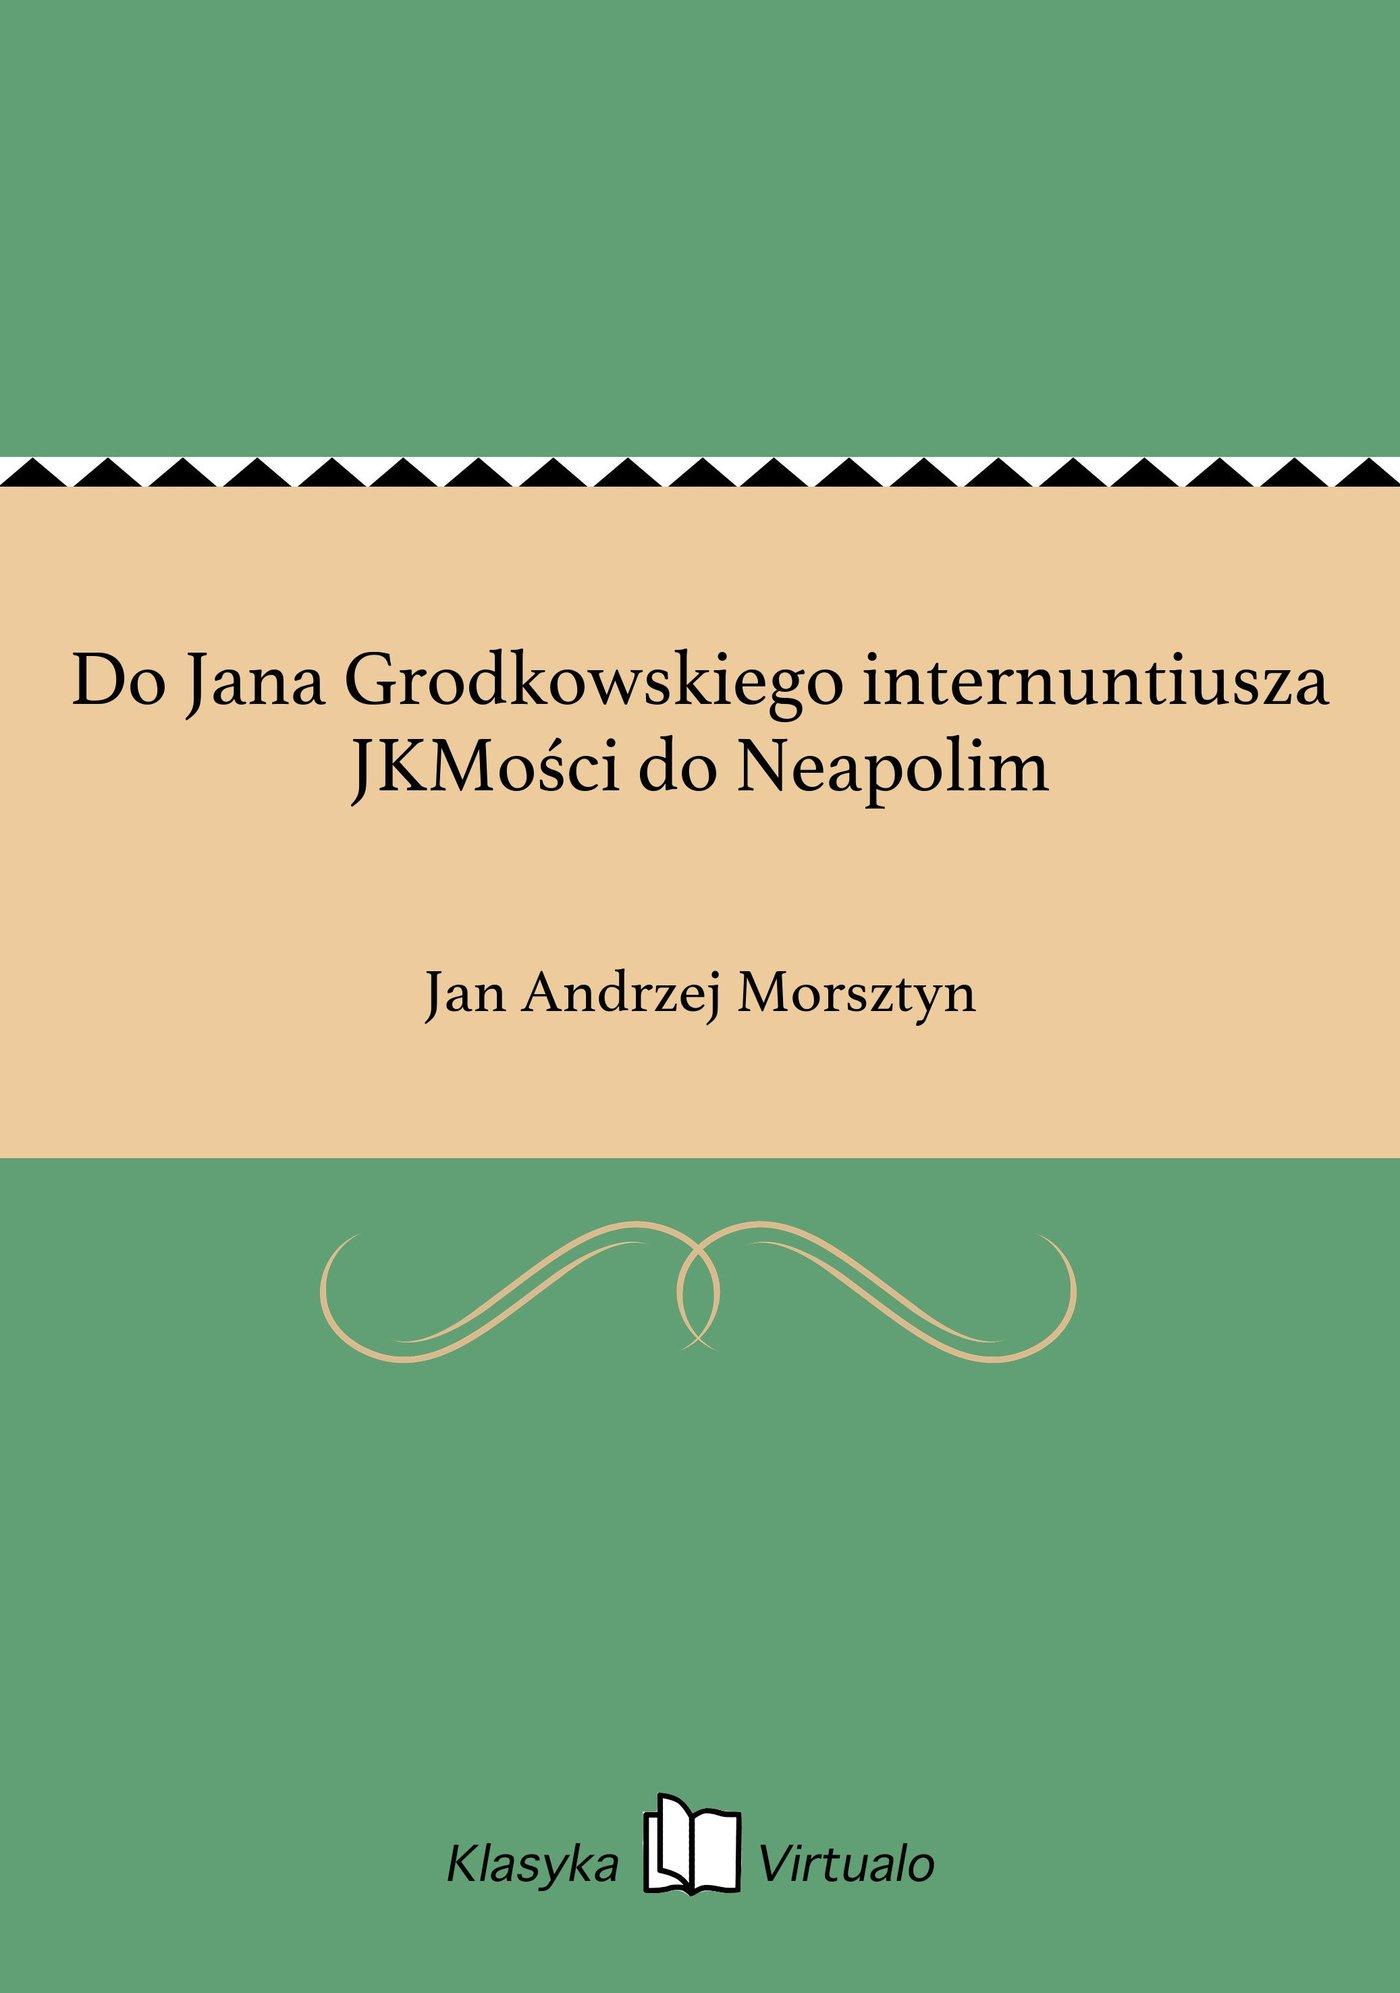 Do Jana Grodkowskiego internuntiusza JKMości do Neapolim - Ebook (Książka EPUB) do pobrania w formacie EPUB